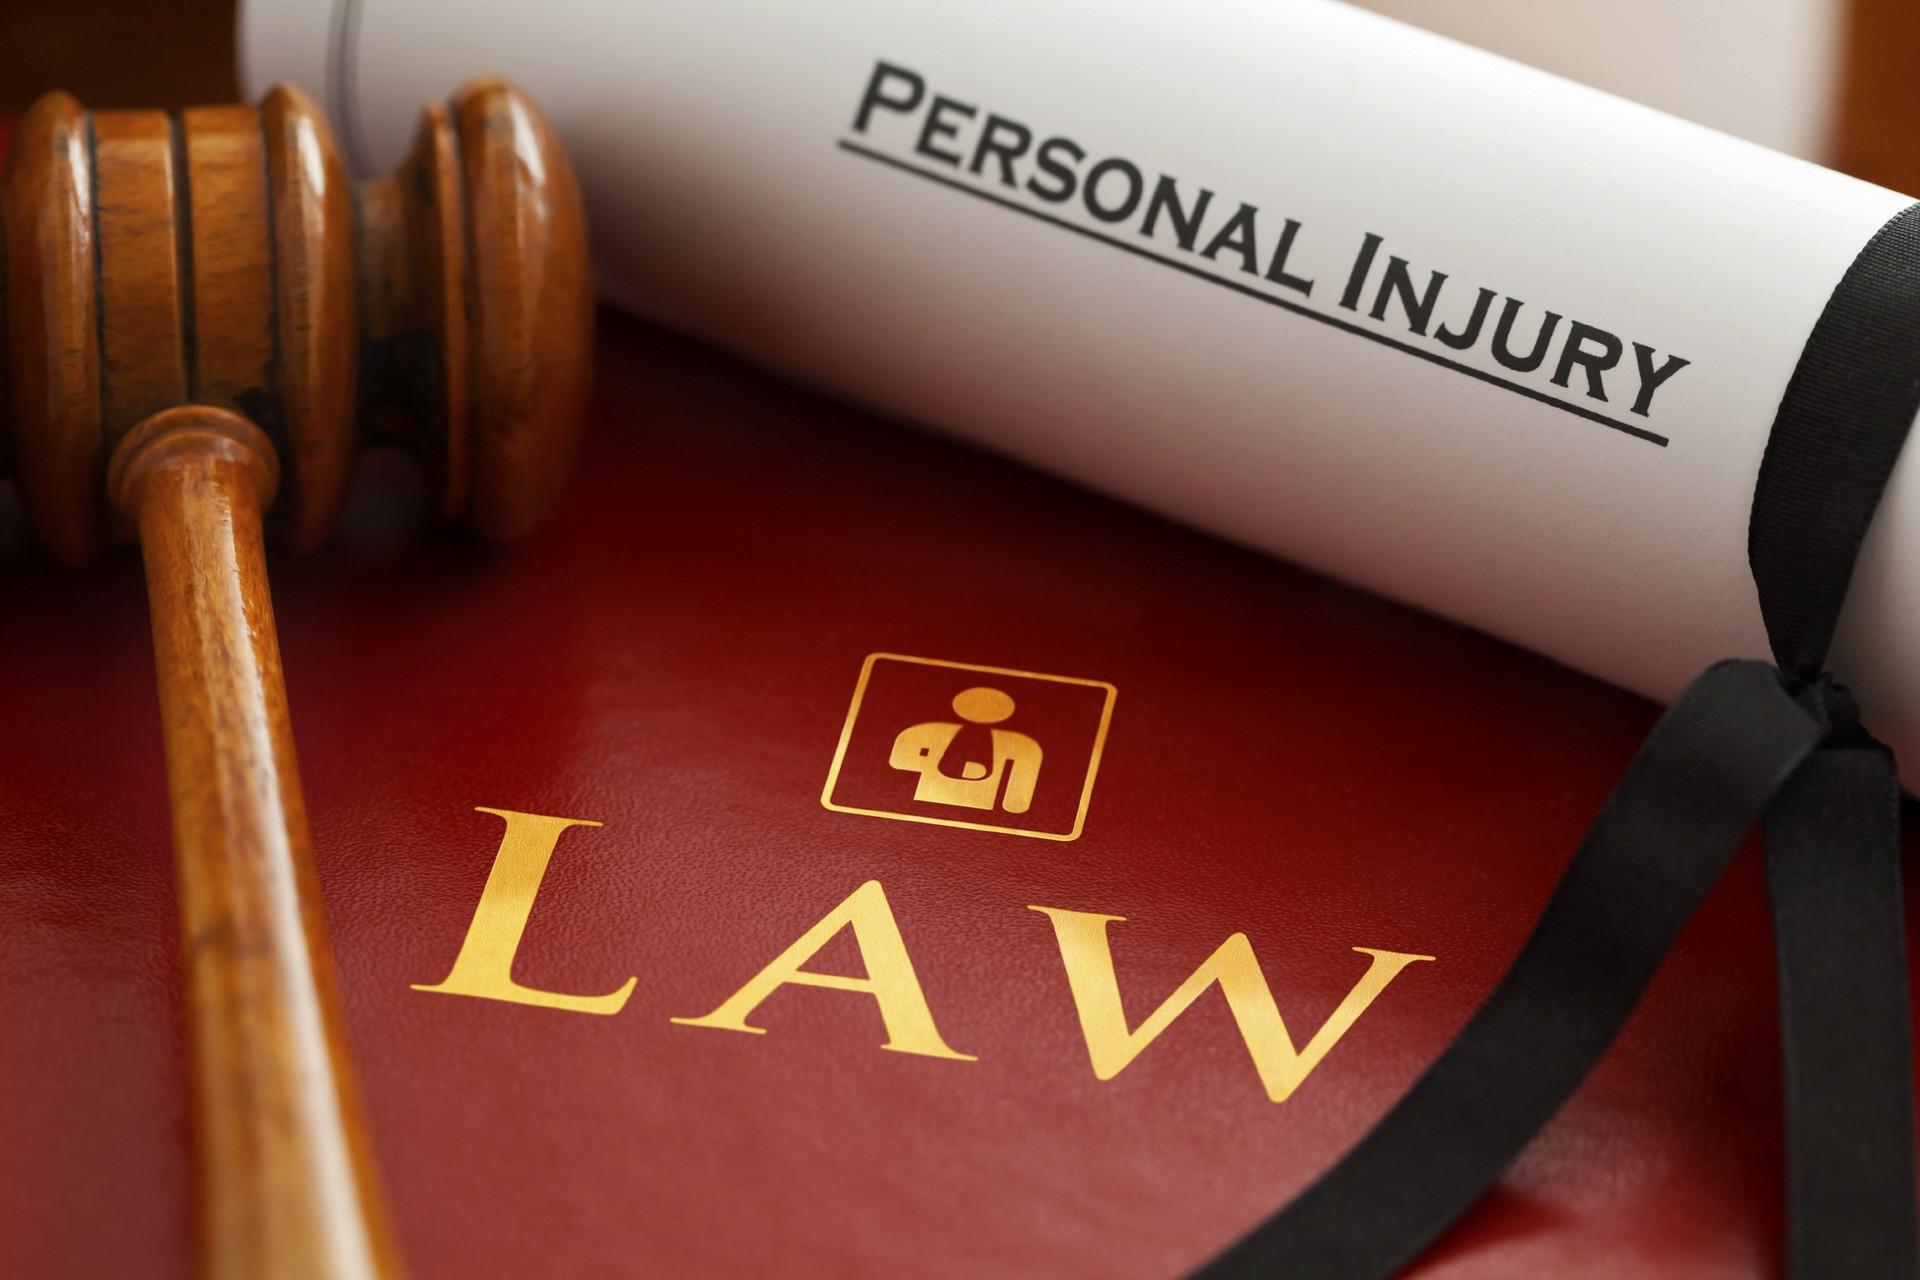 医疗诉讼中需要递交哪些证据?如何收集证据呢?